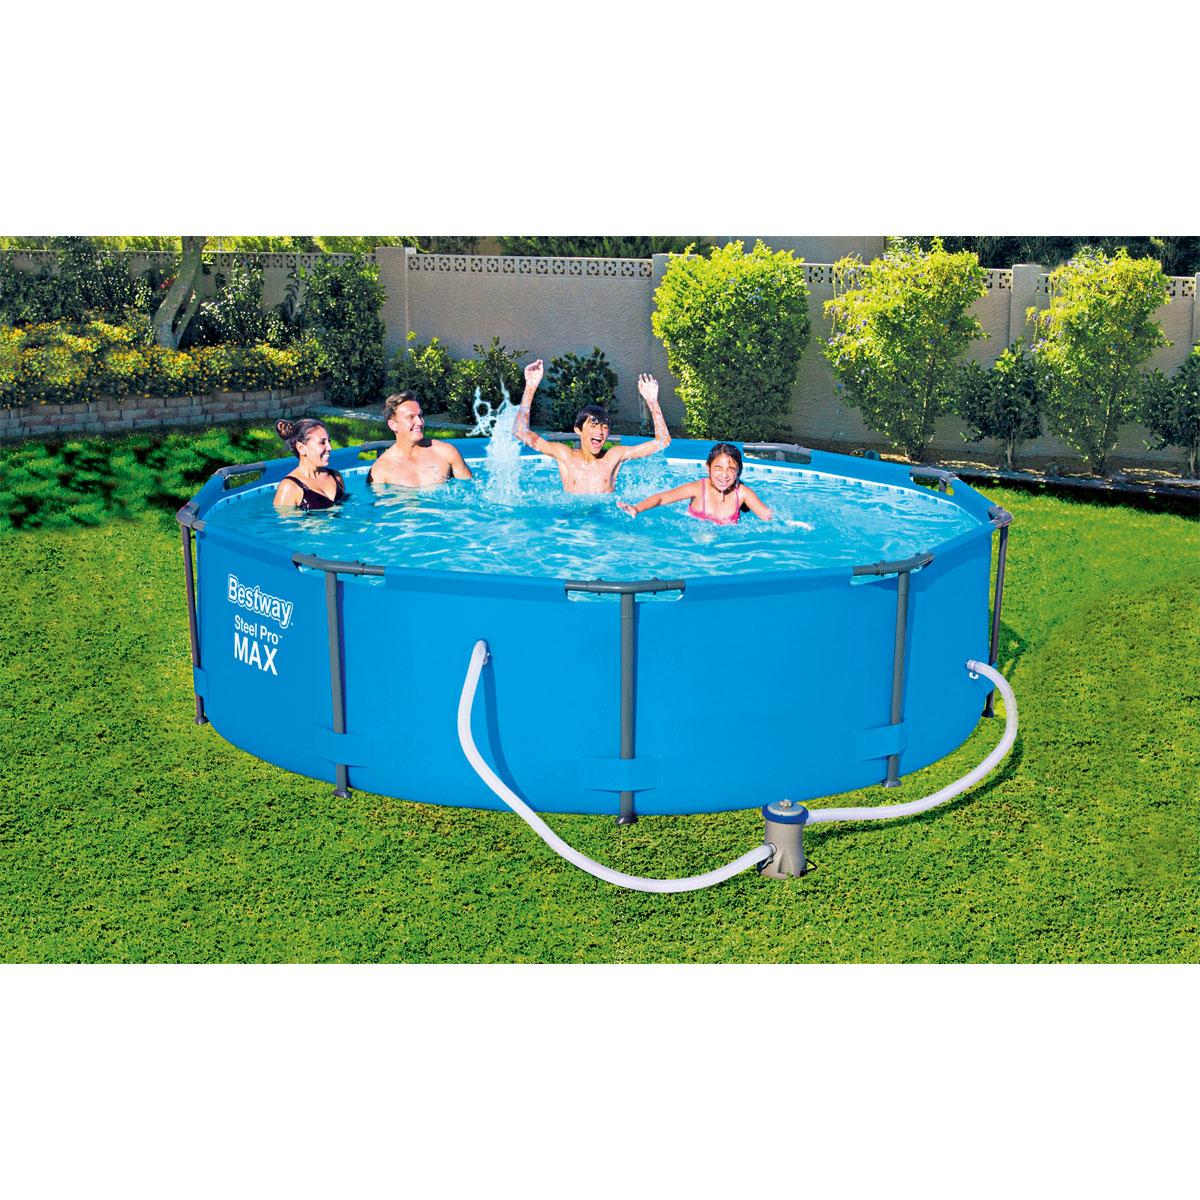 Full Size of Bestway Pool Set Steel Pro Ma305x76 Cm Blau Kaufen Bei Hellwegat Fenster Günstig Alte Regale Outdoor Küche Sofa Online Bett Verkaufen Velux Billig Ikea Big Wohnzimmer Pool Kaufen